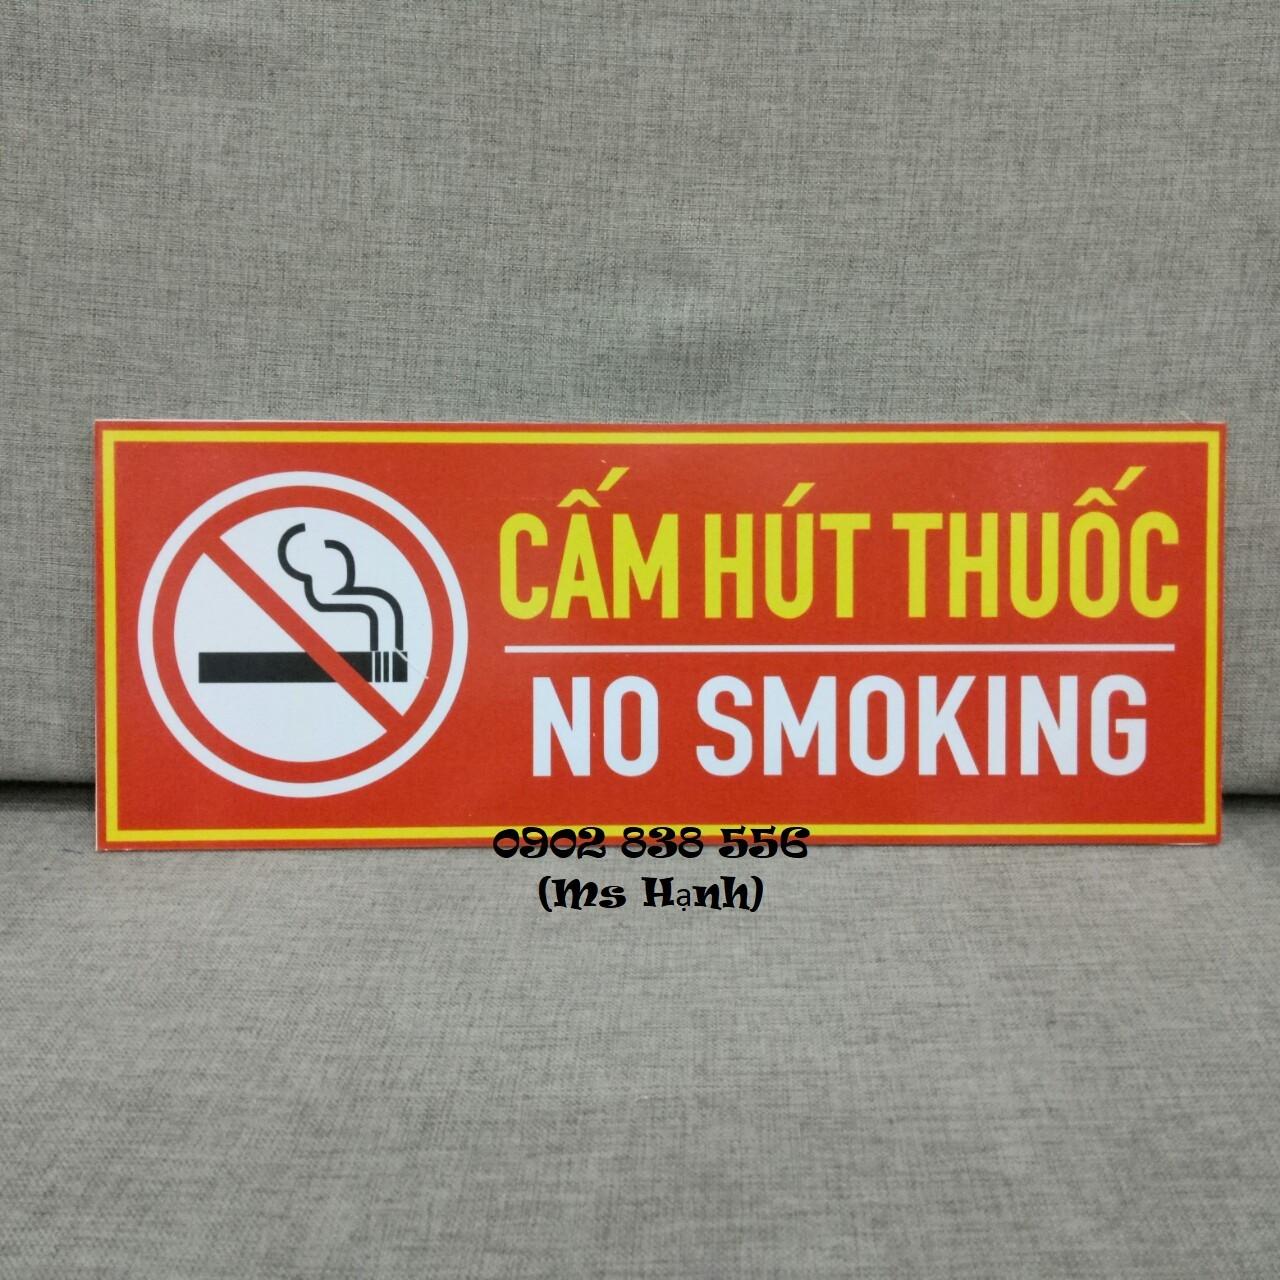 Giảm giá - Biển báo Fomex dán decal Cấm hút thuốc kích thước 15 x 40cm - hình thật